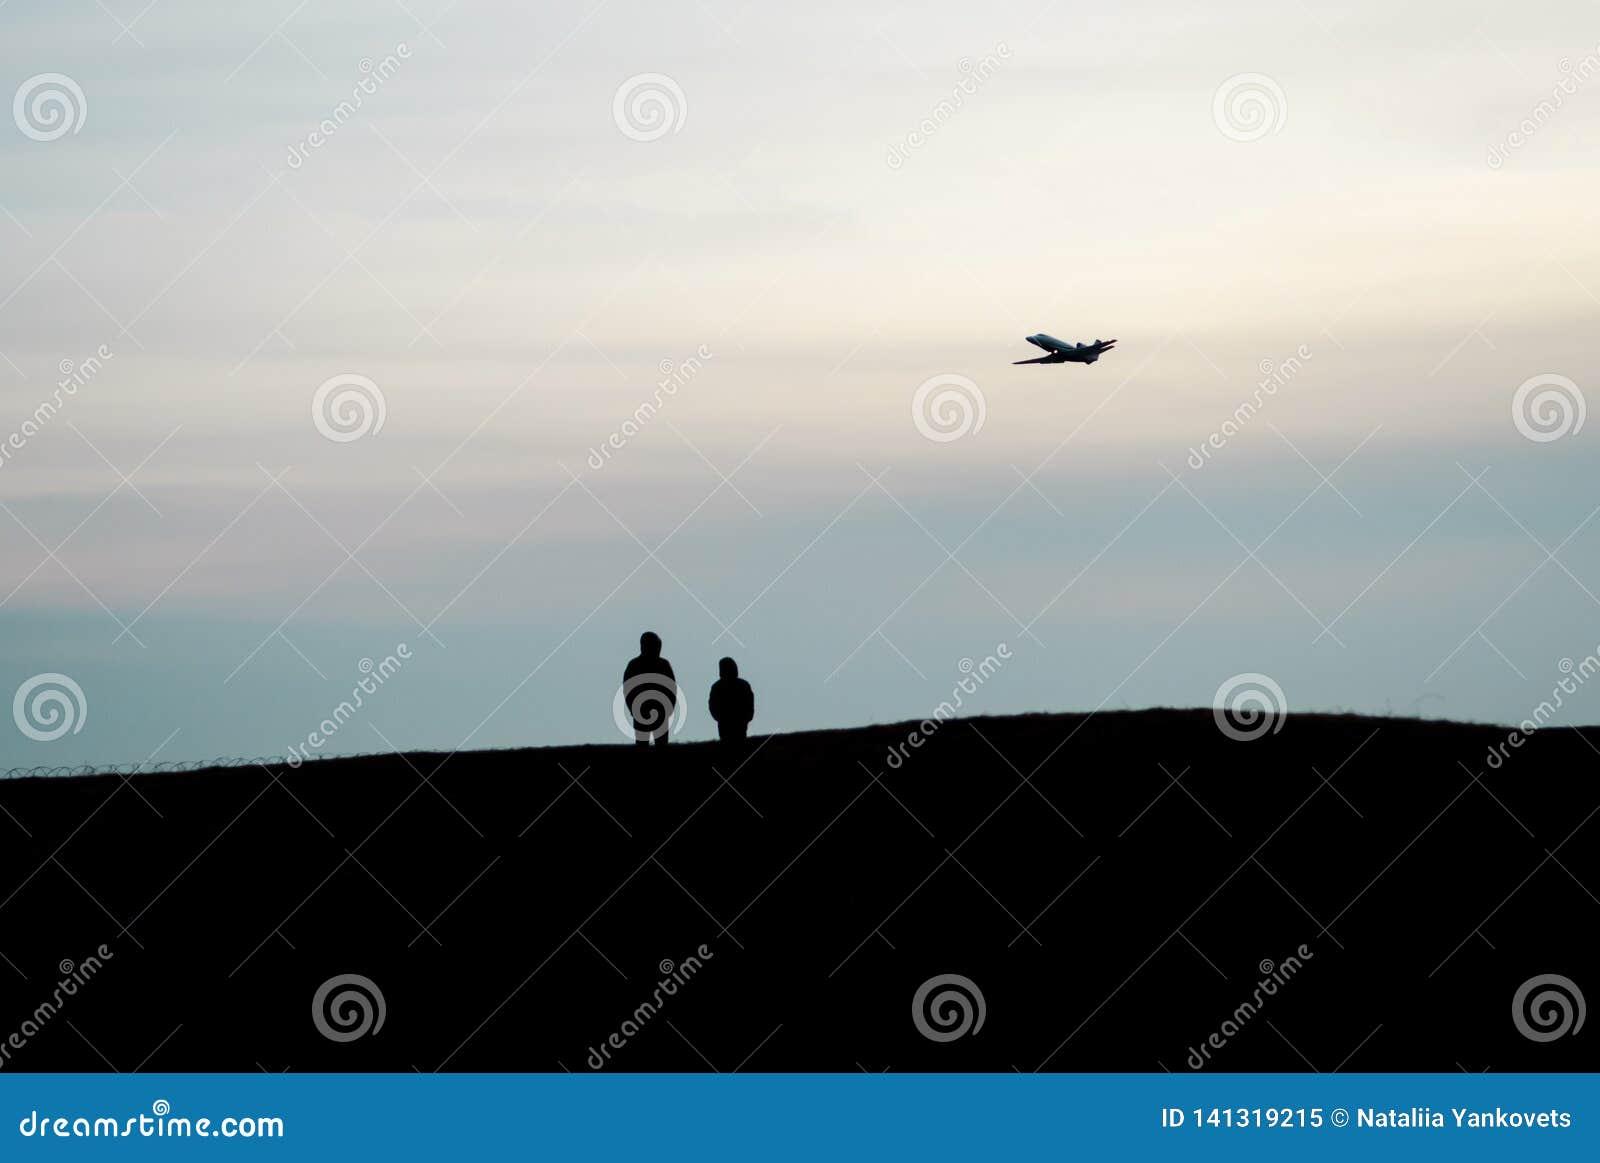 Les silhouettes du support de deux personnes sur une haute colline et observer une haute de vol d avion dans le ciel